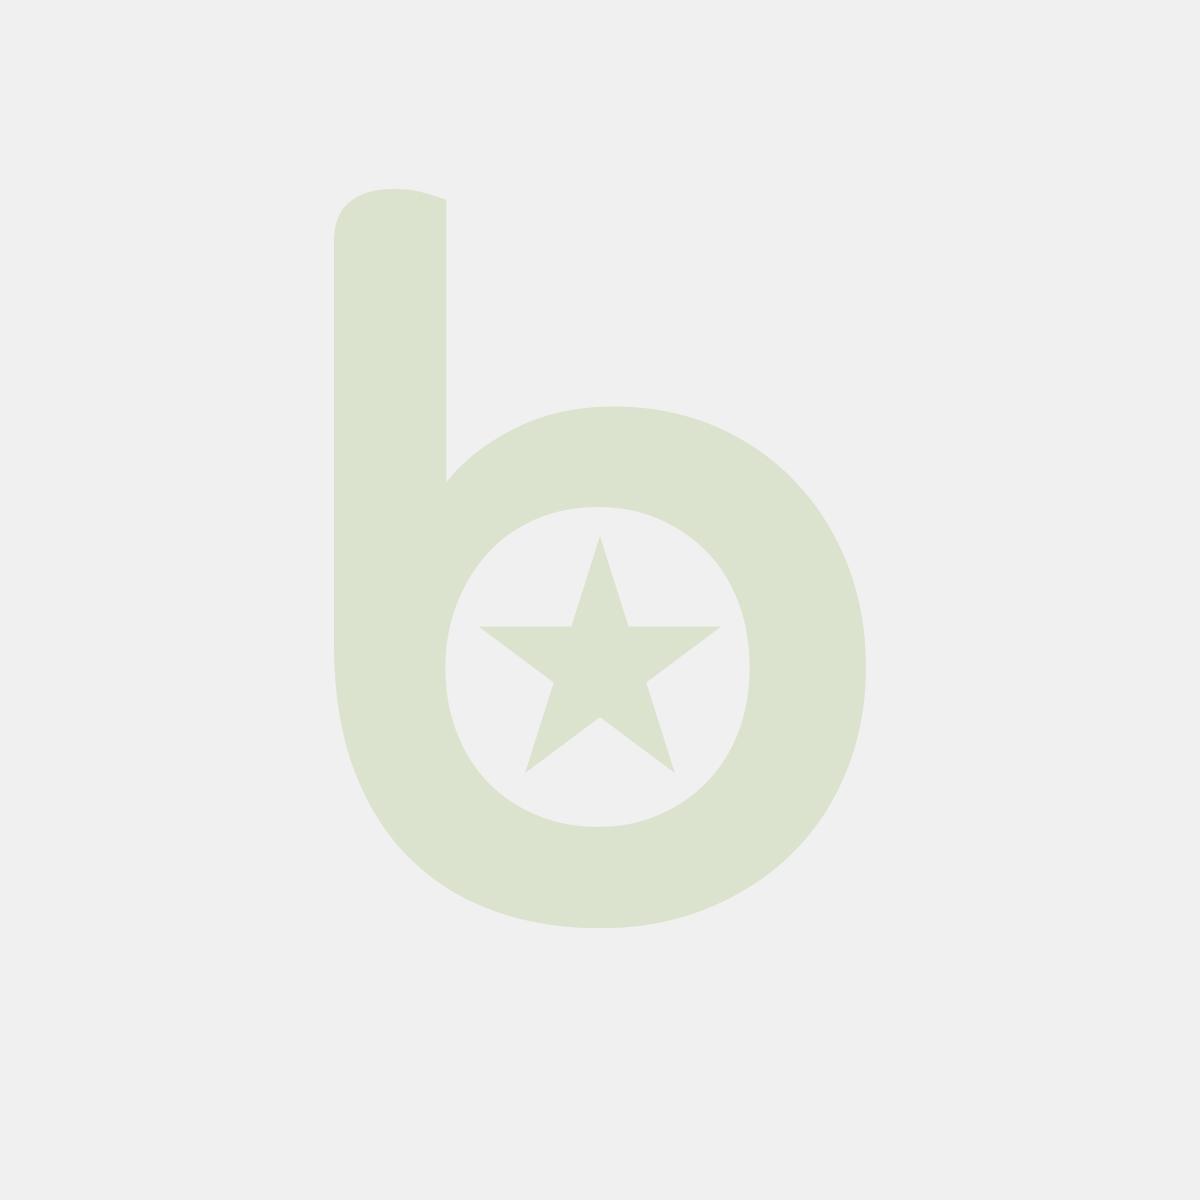 Łyżki azjatyckie 12cm op50szt - FINGERFOOD